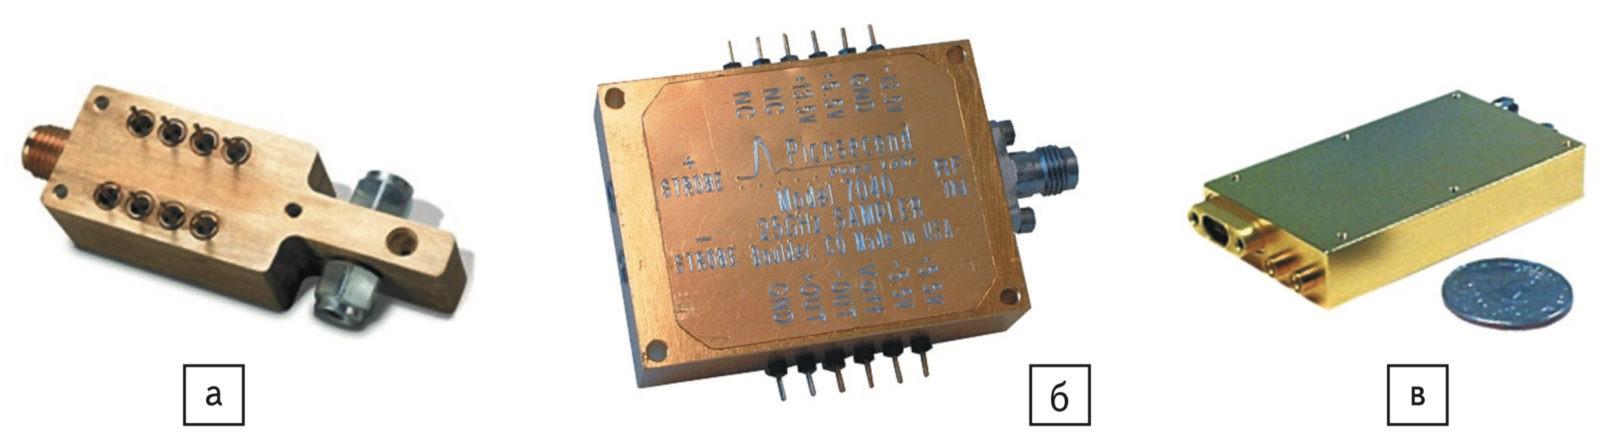 Модули стробоскопического преобразования сигнала компании Picosecond Pulse Labs: а) компонент на 100 ГГц; б) модуль 7040 (Sampler Module); в) модуль 7600 (Down Conversion Sampler Module)